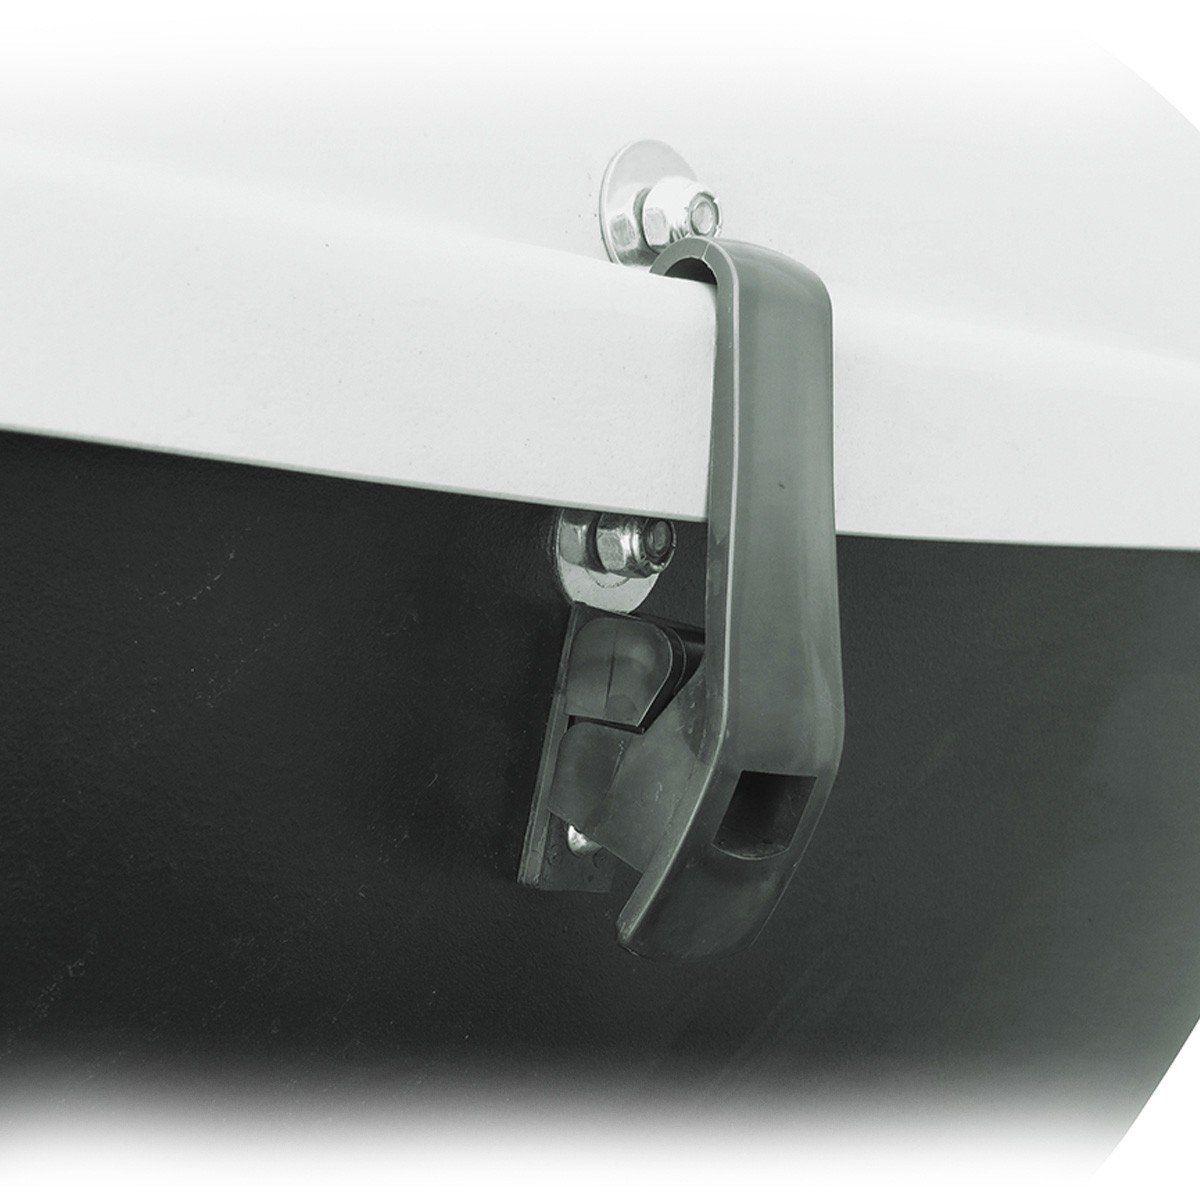 Bagageiro Maleiro de Teto Jetbag Conquest 370 Litros Cinza